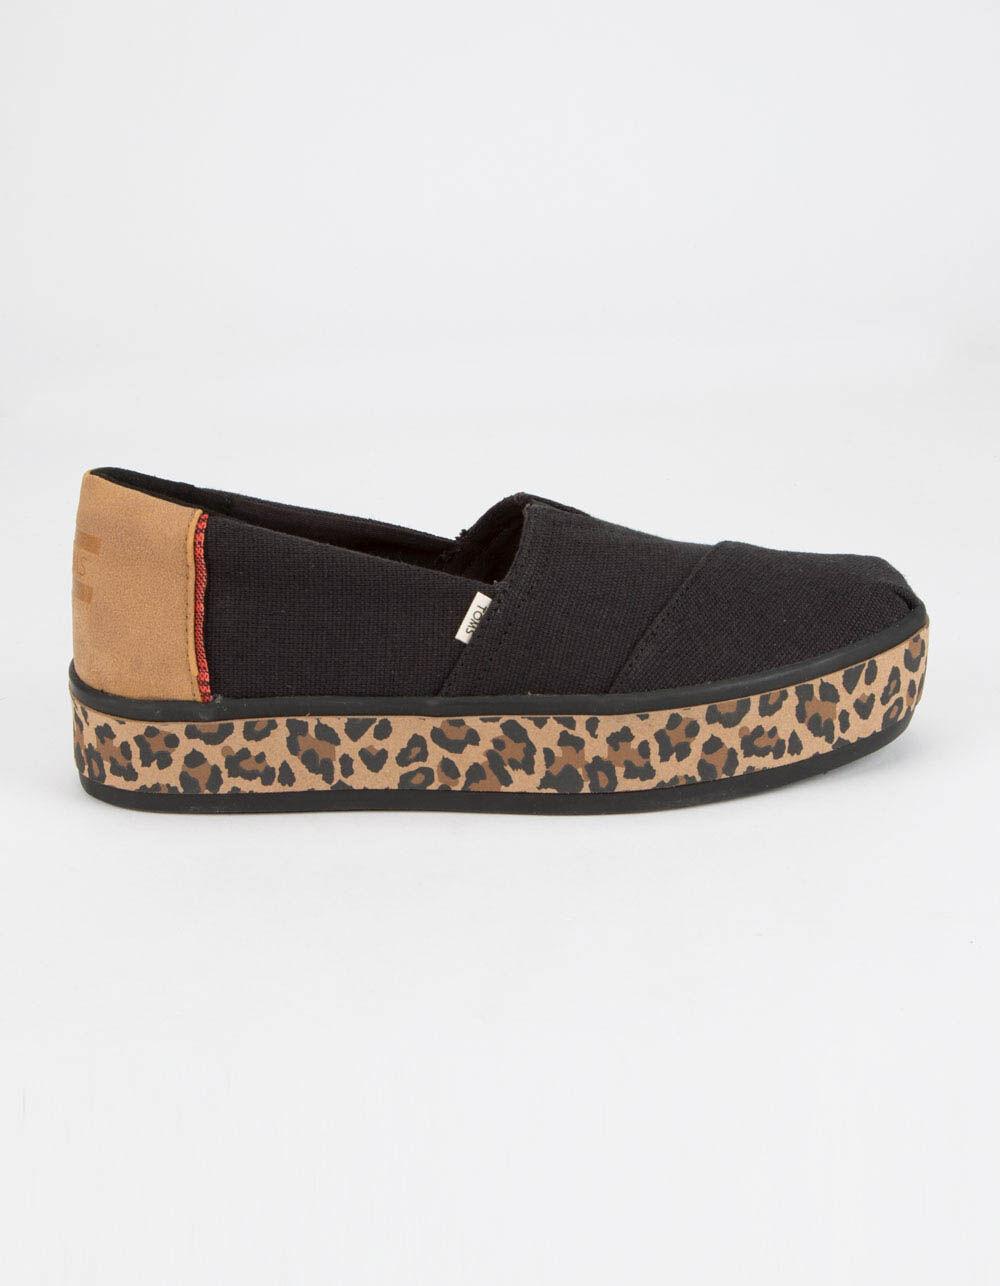 TOMS Alpargata Boardwalk Platform Slip-On Shoes